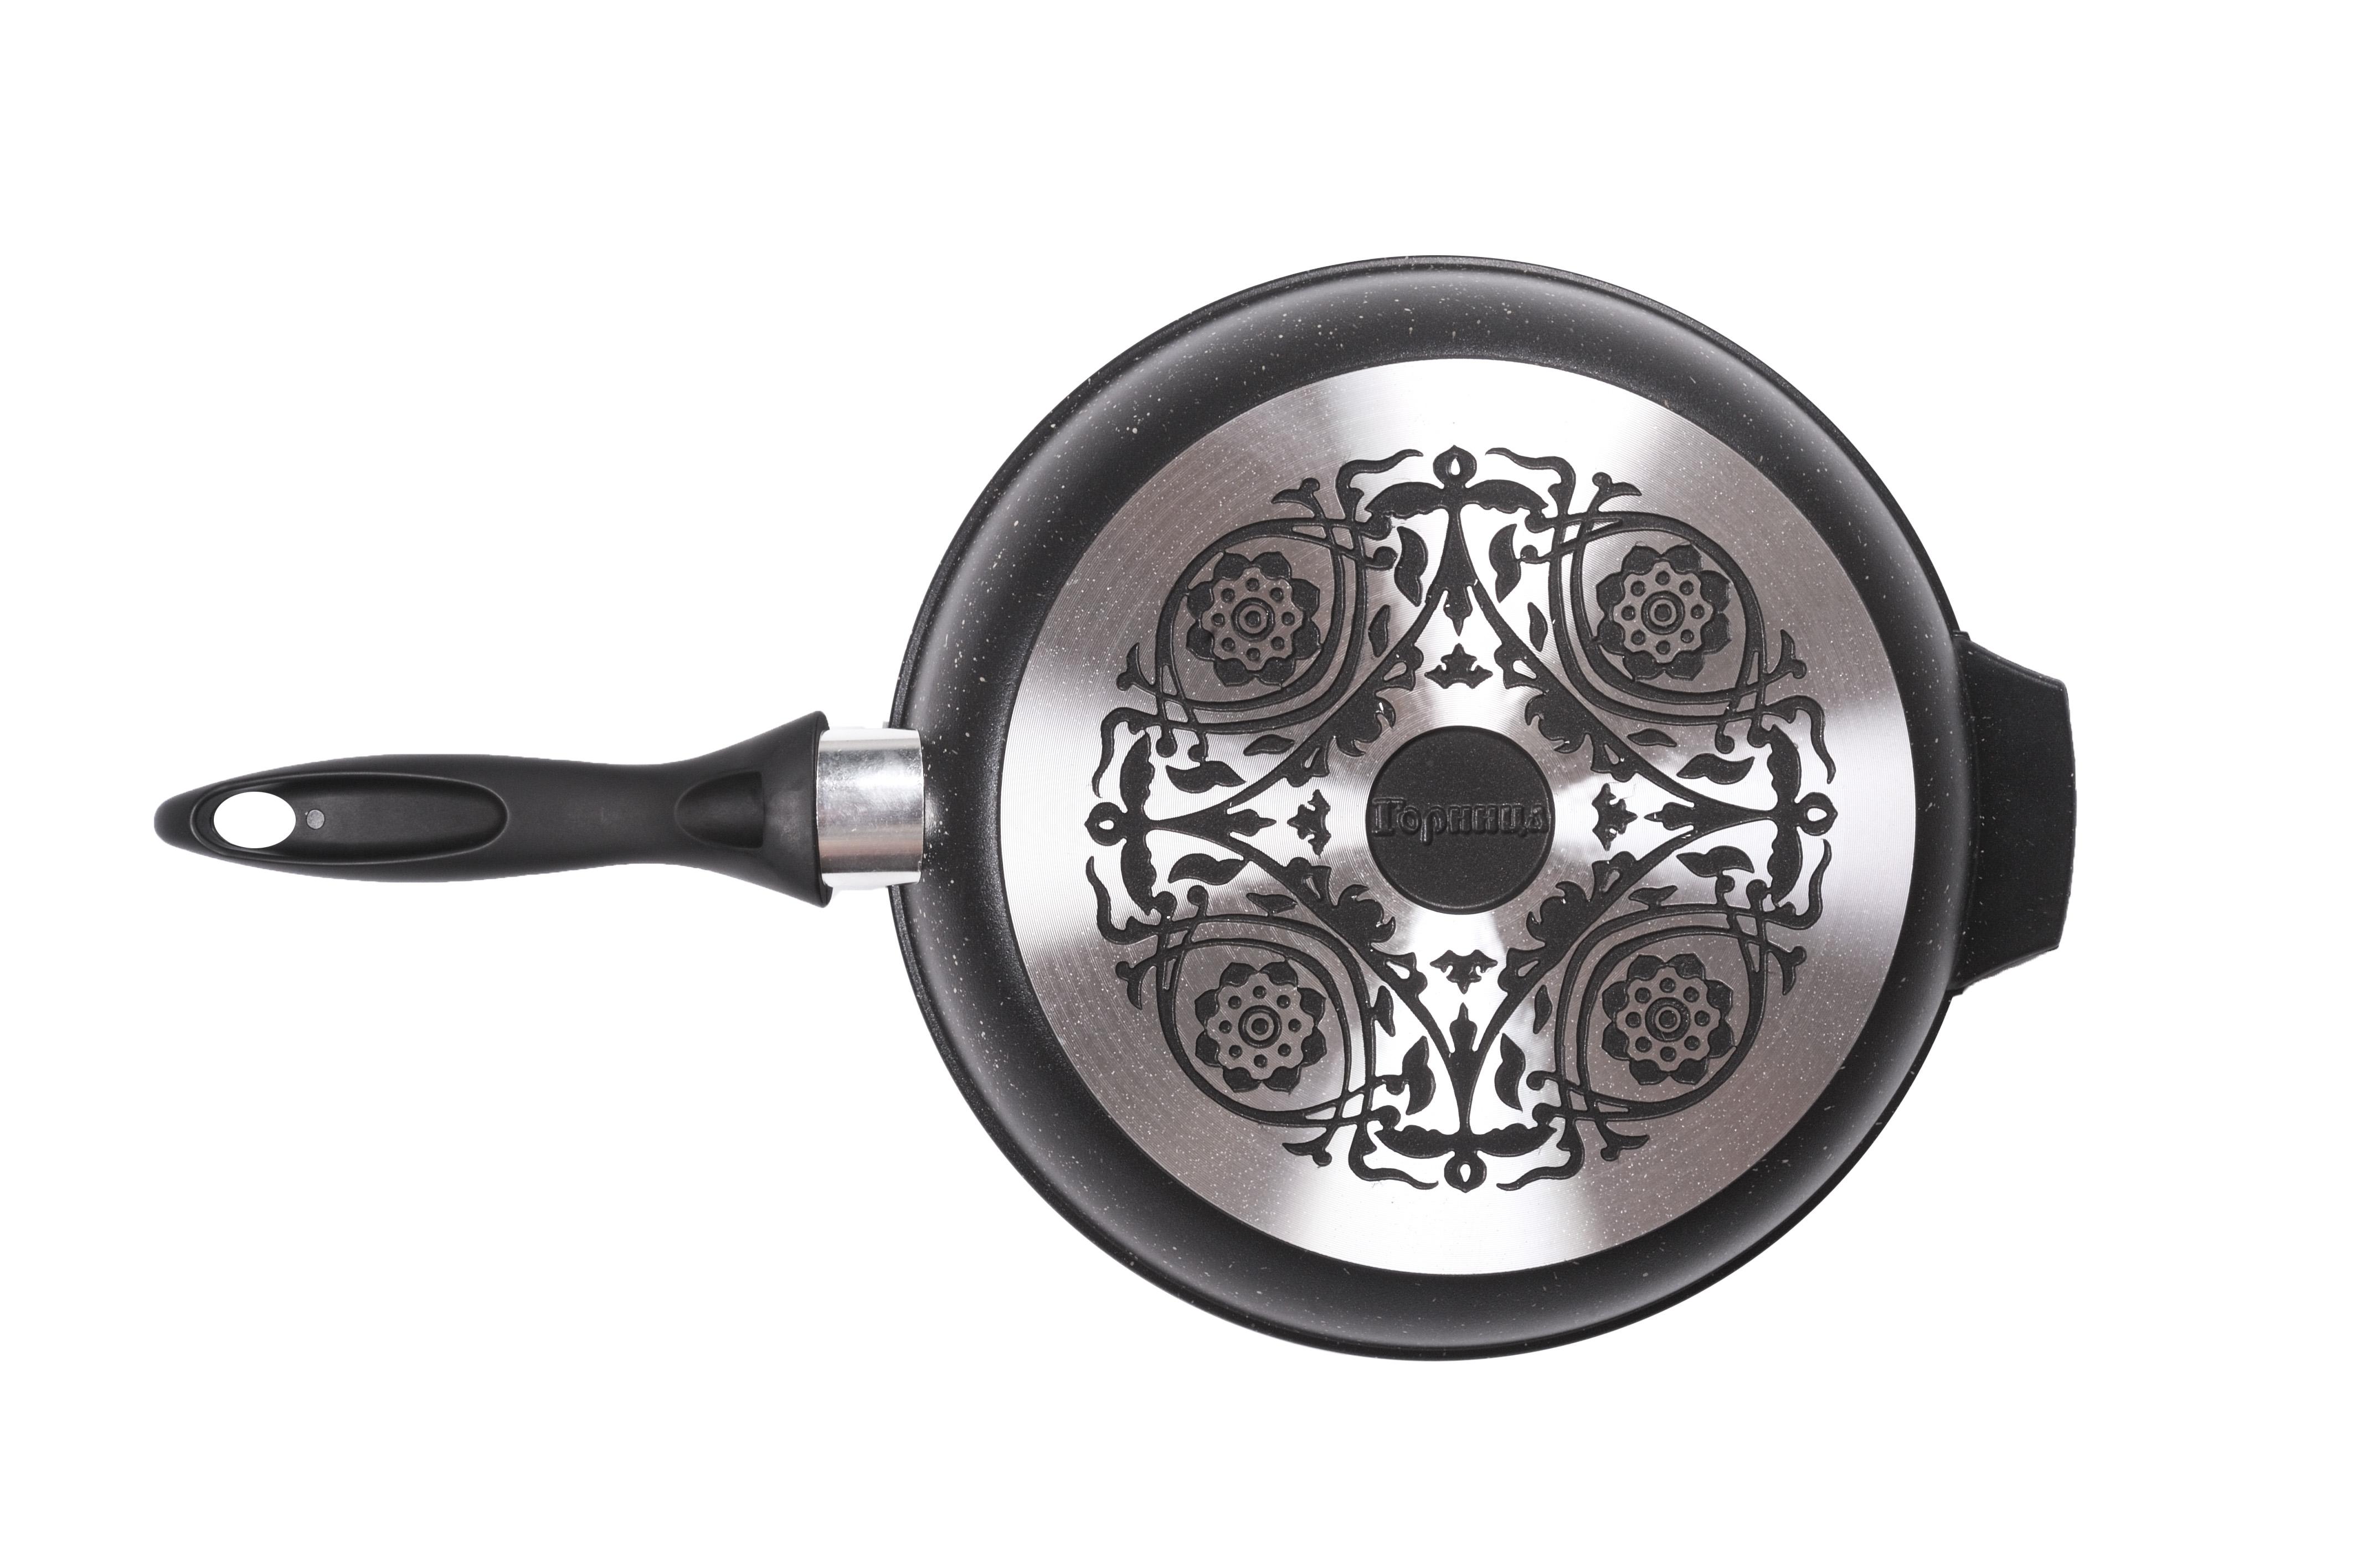 Дно сковороды серии Гранит